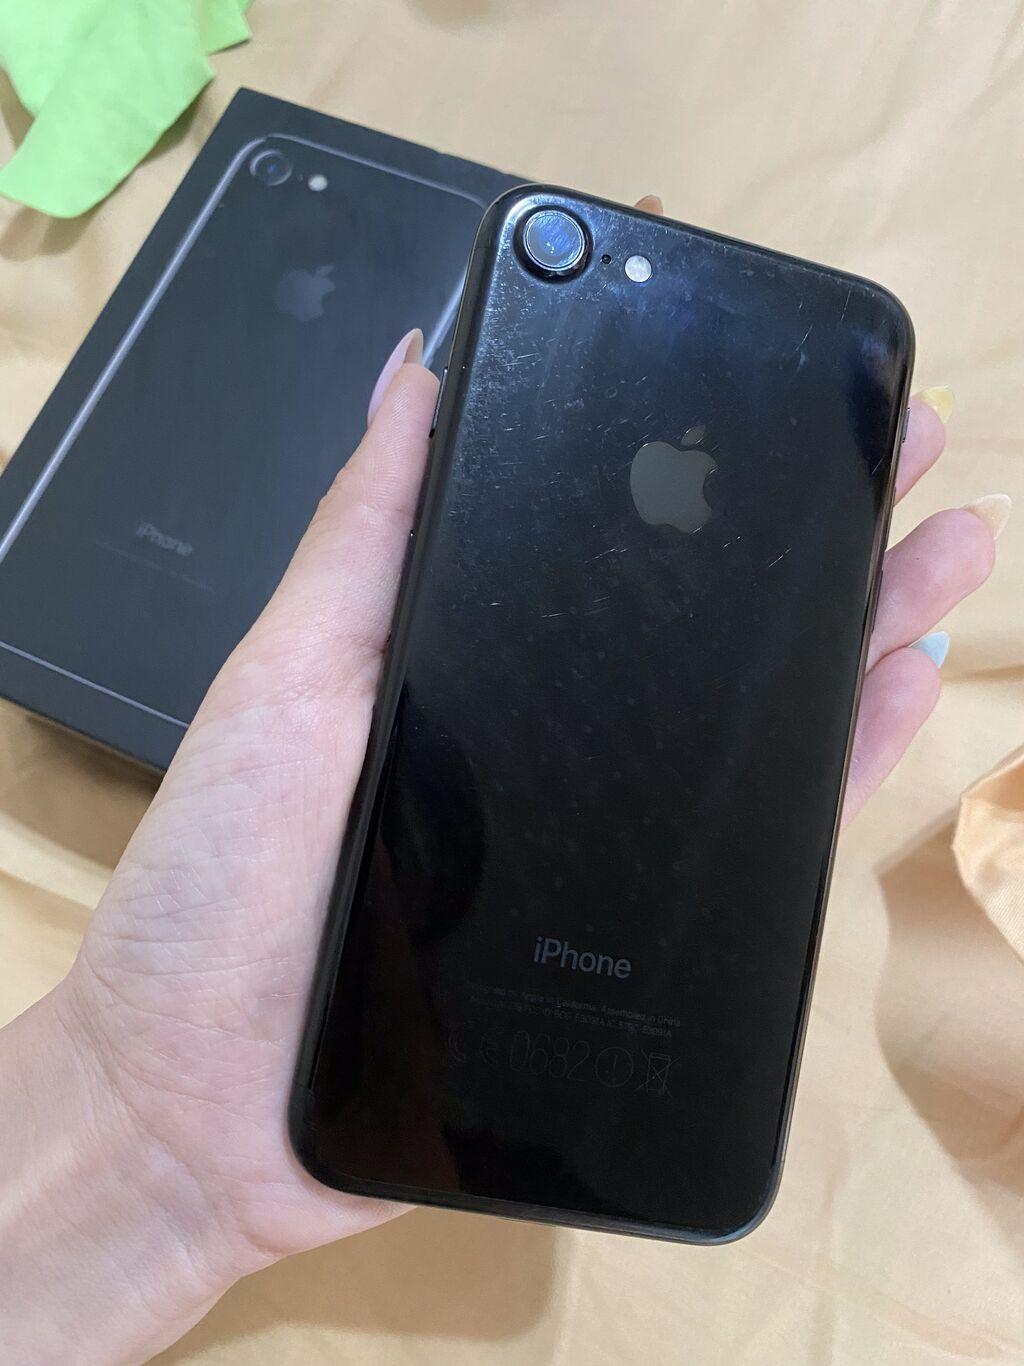 IPhone 7   128 ГБ   Черный Б/У   Трещины, царапины, Отпечаток пальца, С документами: IPhone 7   128 ГБ   Черный Б/У   Трещины, царапины, Отпечаток пальца, С документами